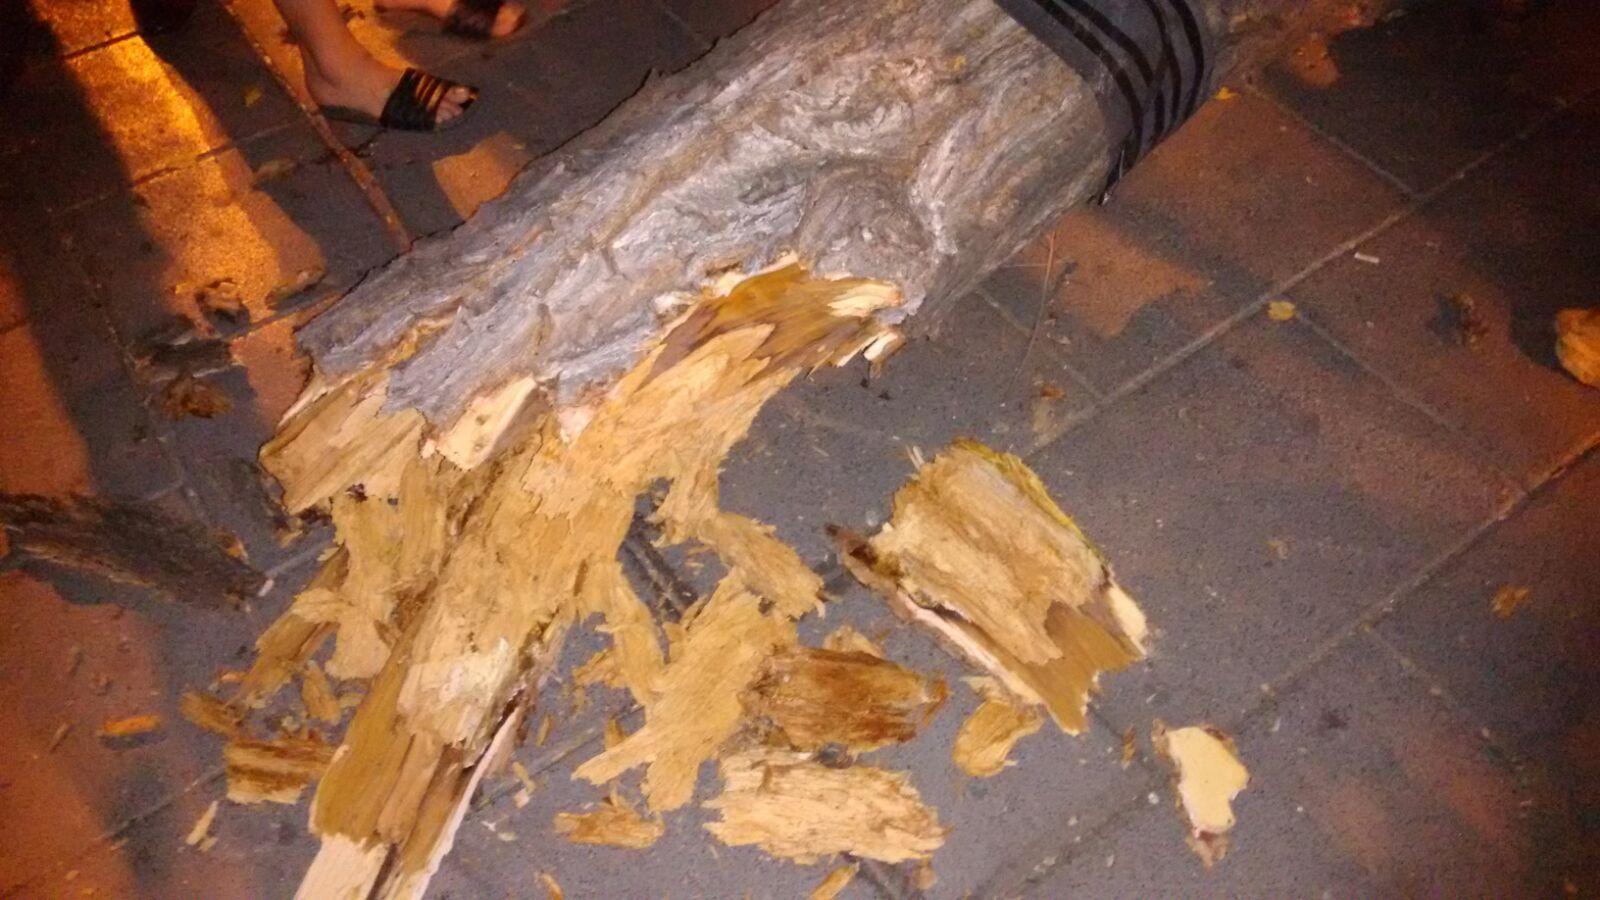 Tronco partido del árbol caído | SOMOS MALASAÑA